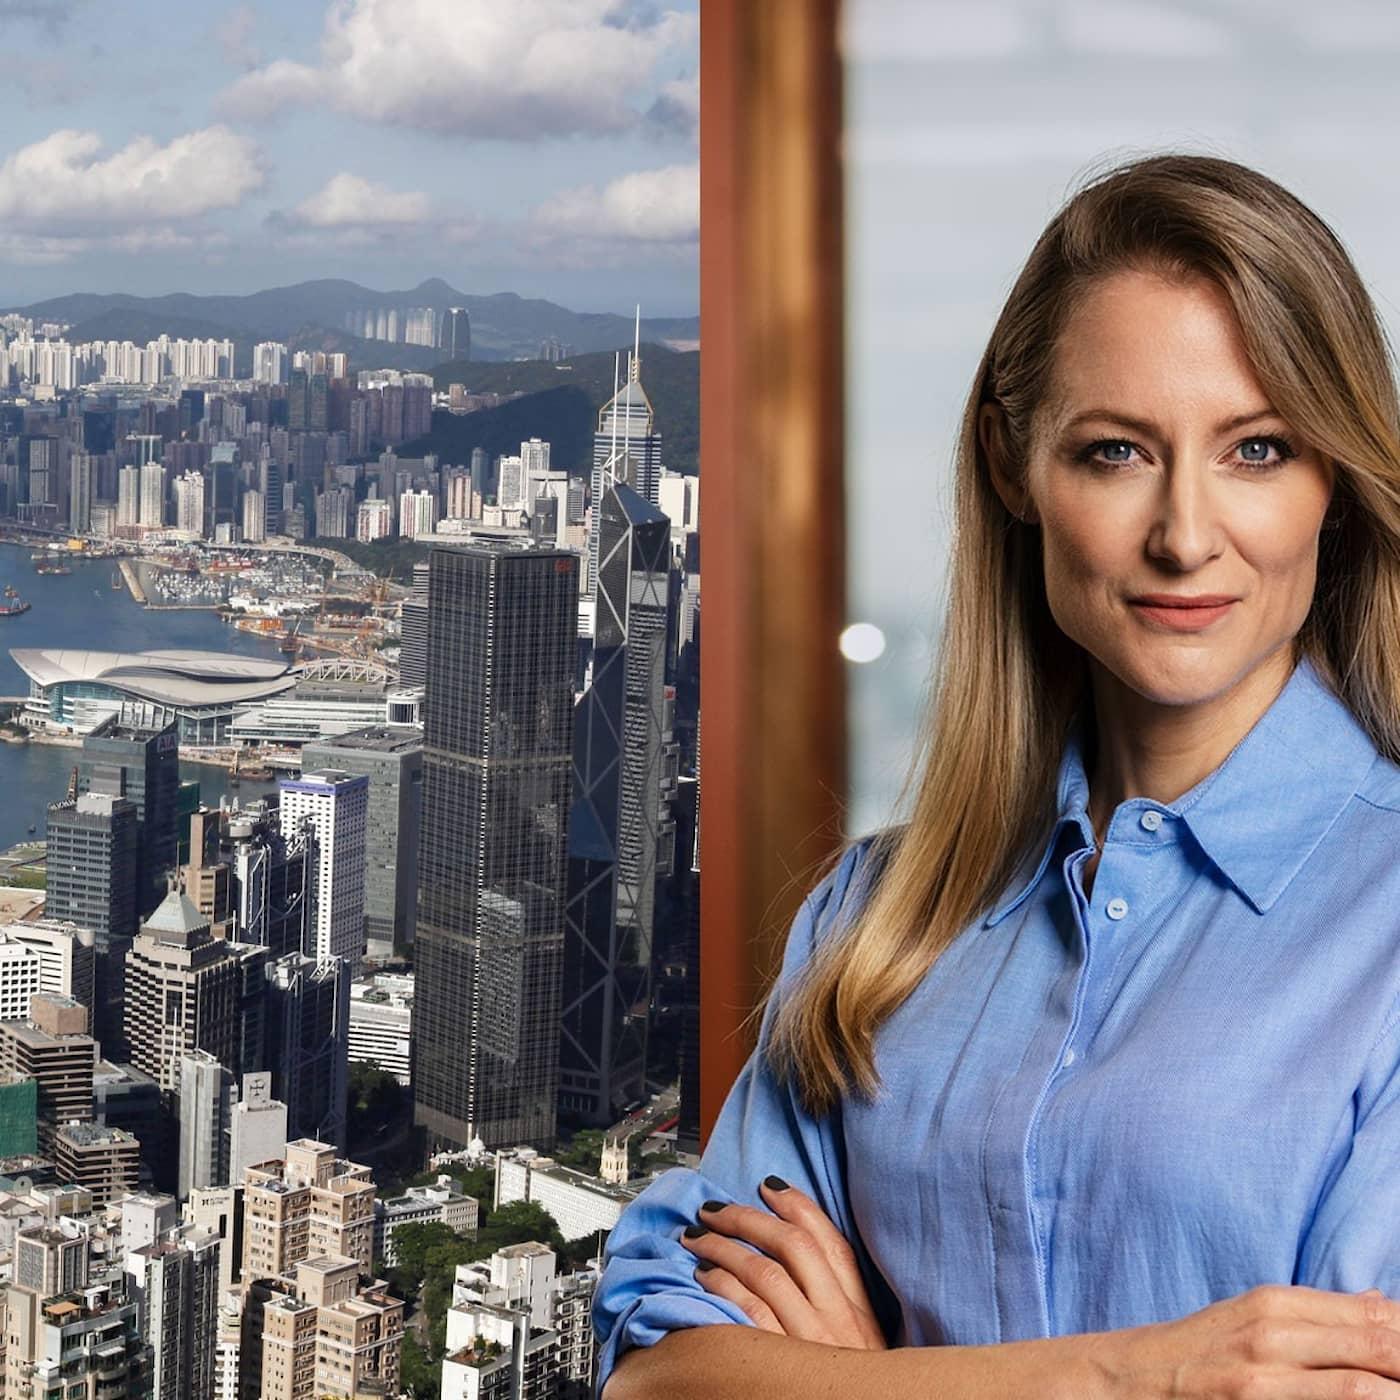 Kinas nya grepp – hotar det finansnavet Hongkong?